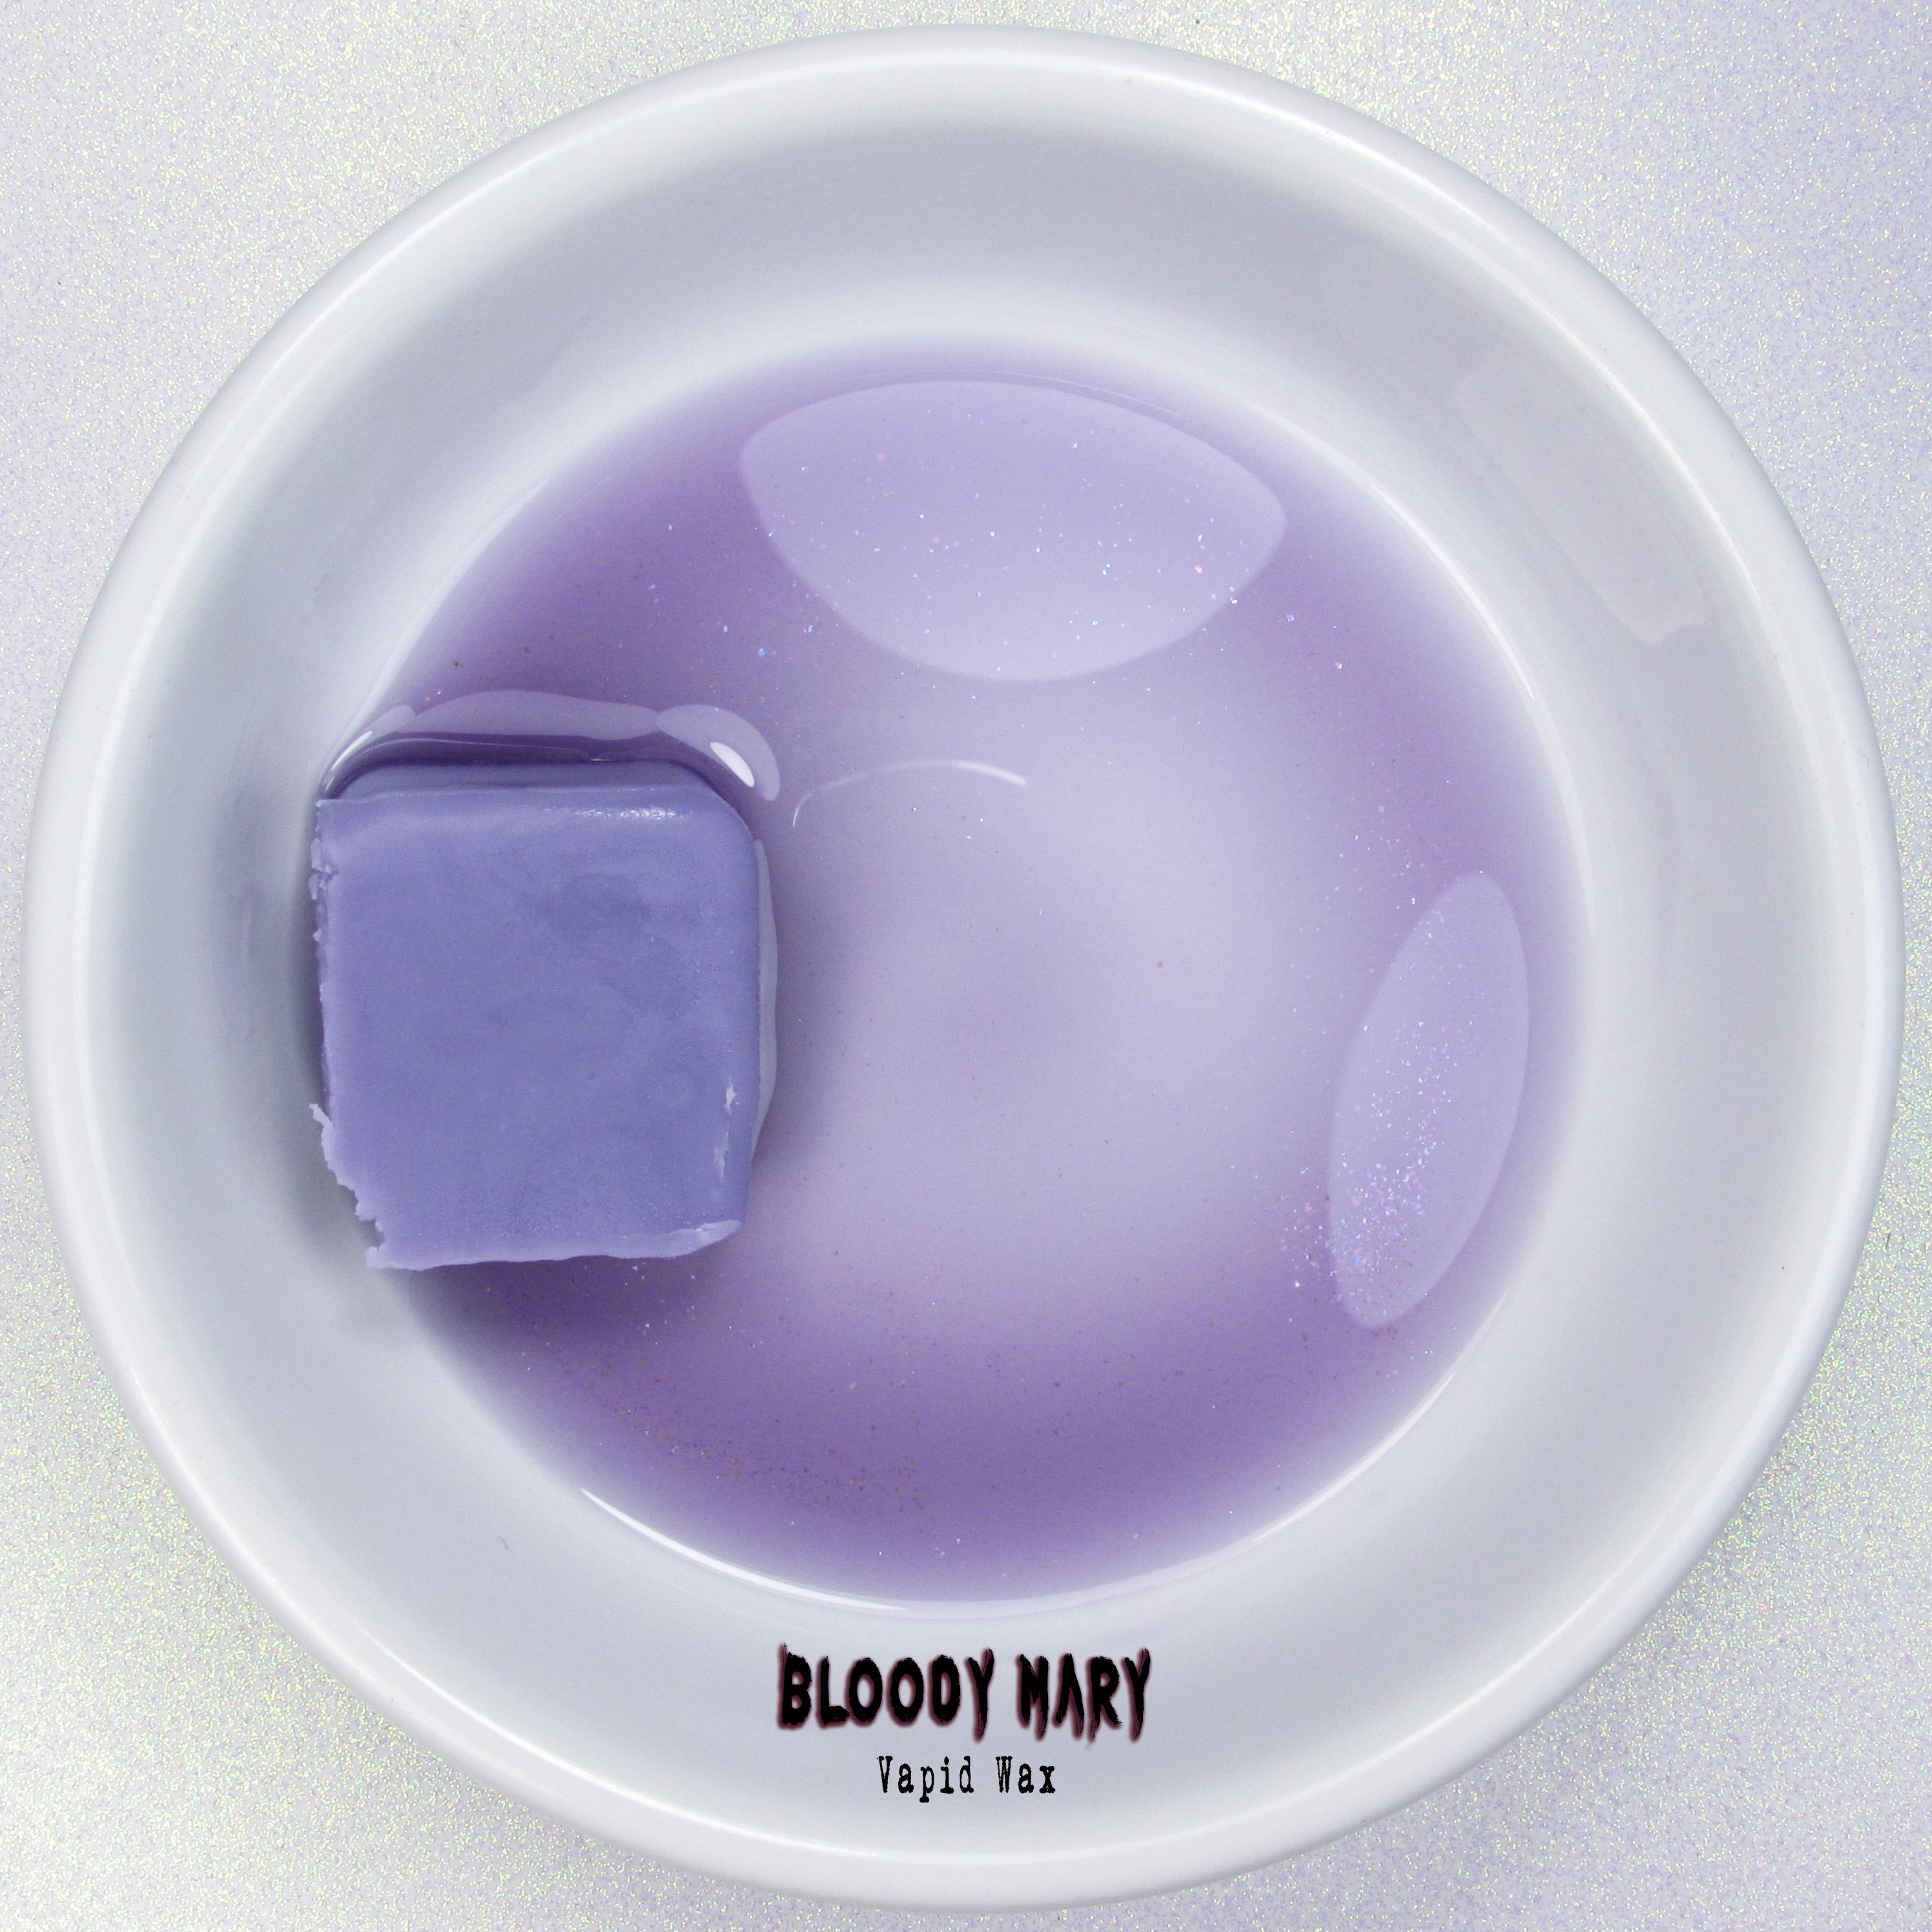 Bloody Mary - Vapid Wax - Polish Pickup October 2019